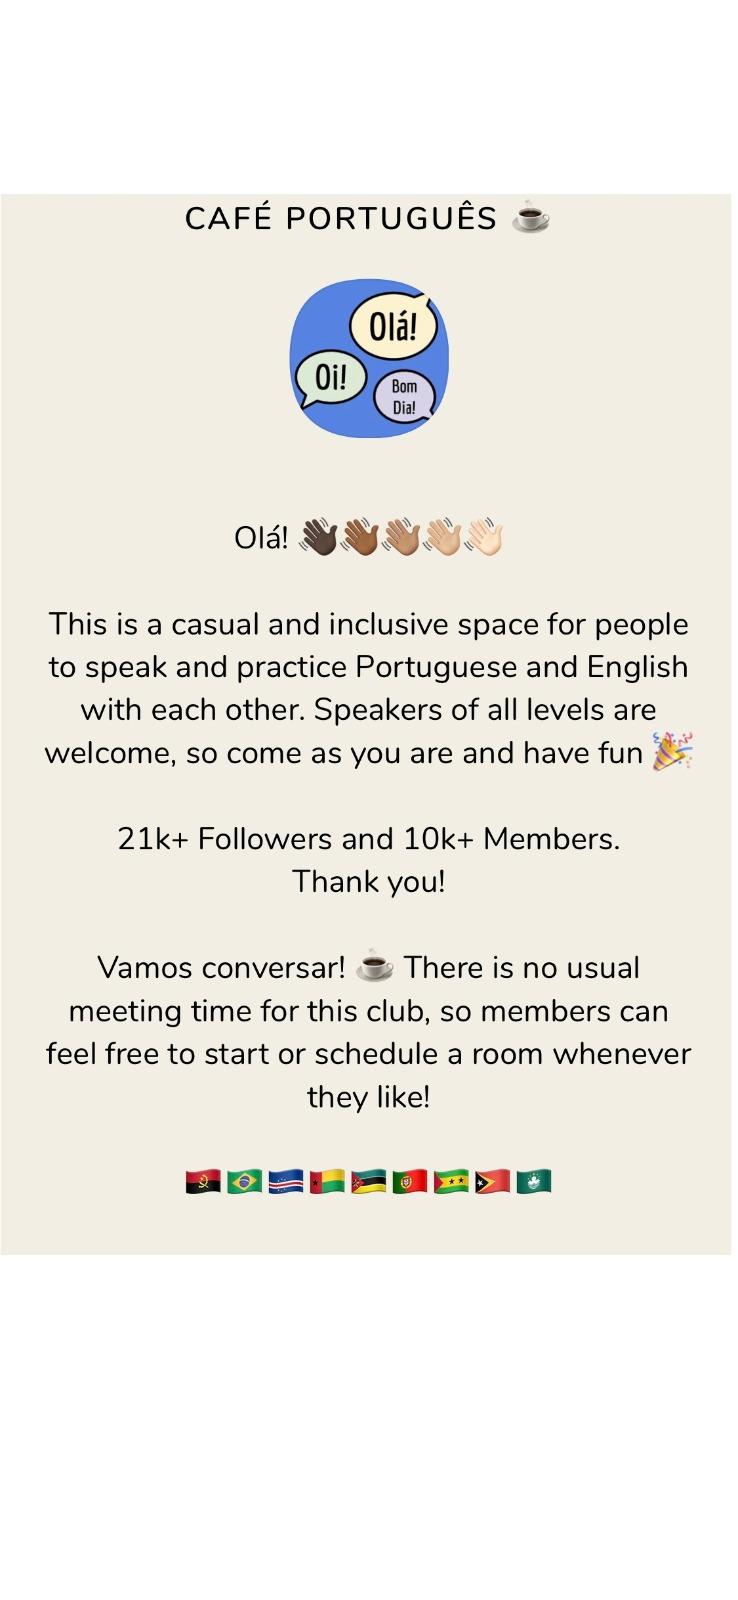 """Conheça o aplicativo """"Clube Café Português"""", no Clubhouse, e integre a rede de brasileiros"""